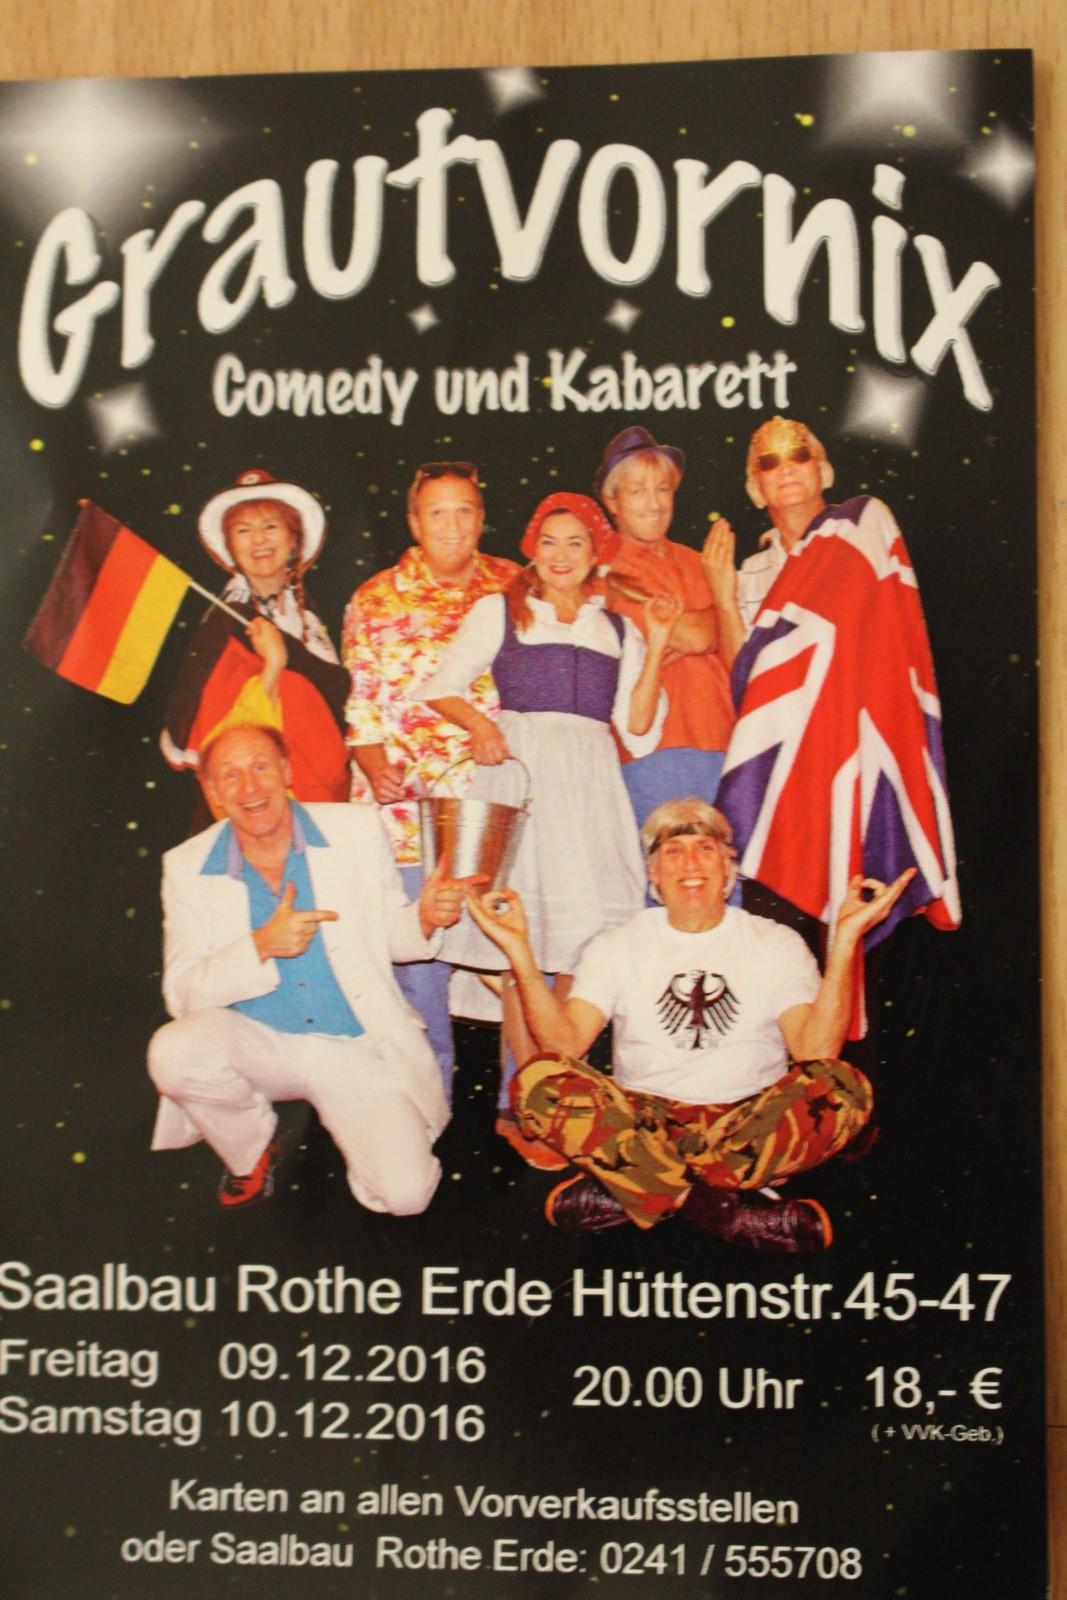 Comedy und Kabarett